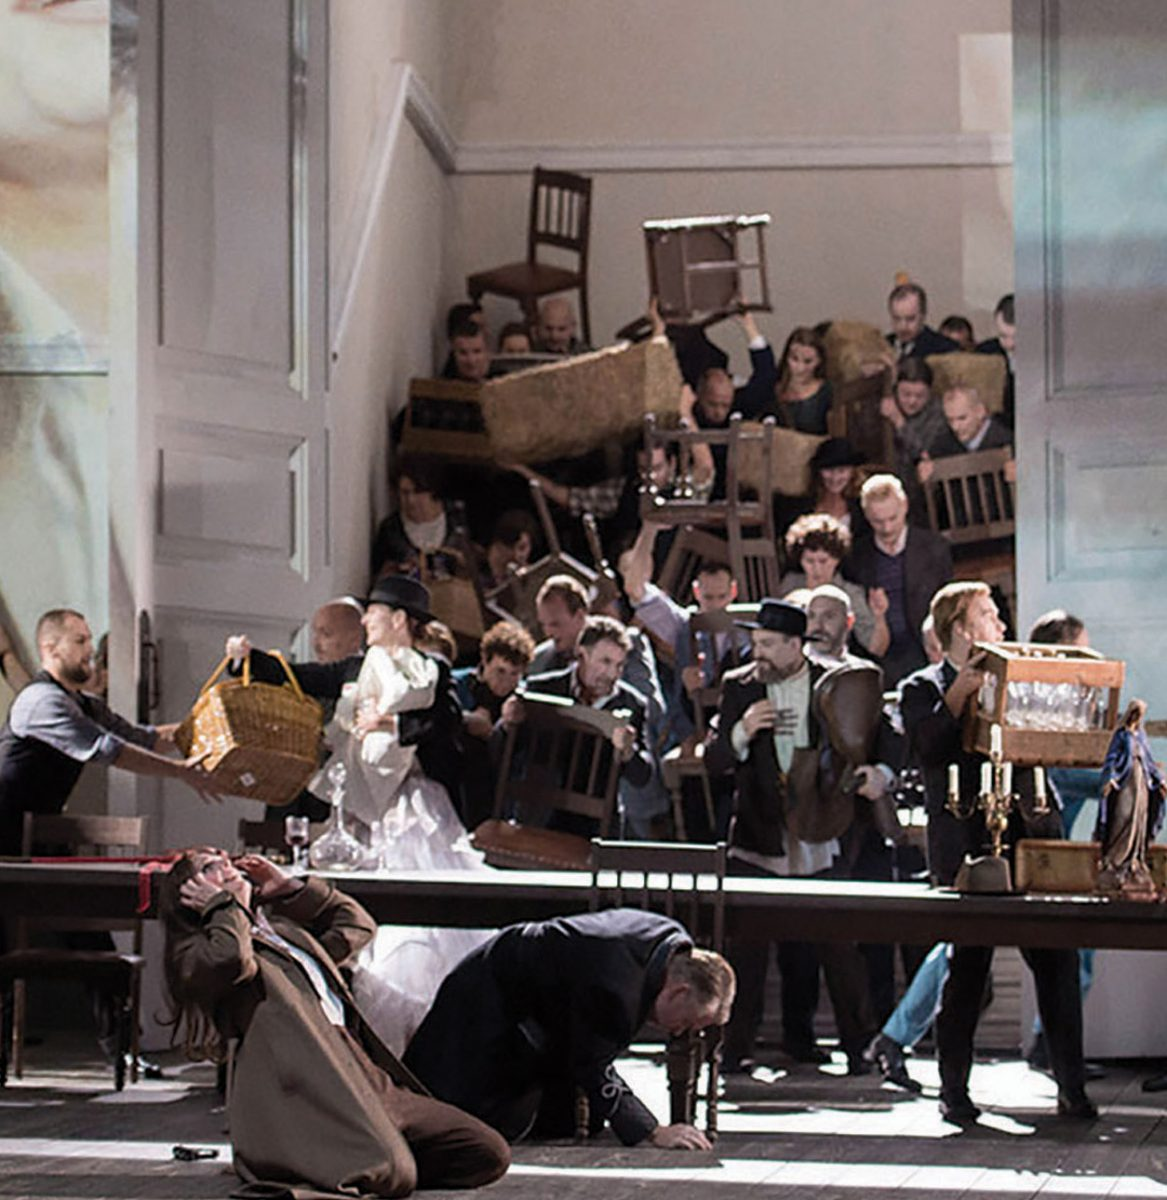 Verdi LA FORZA DEL DESTINO (THE FORCE OF DESTINY)